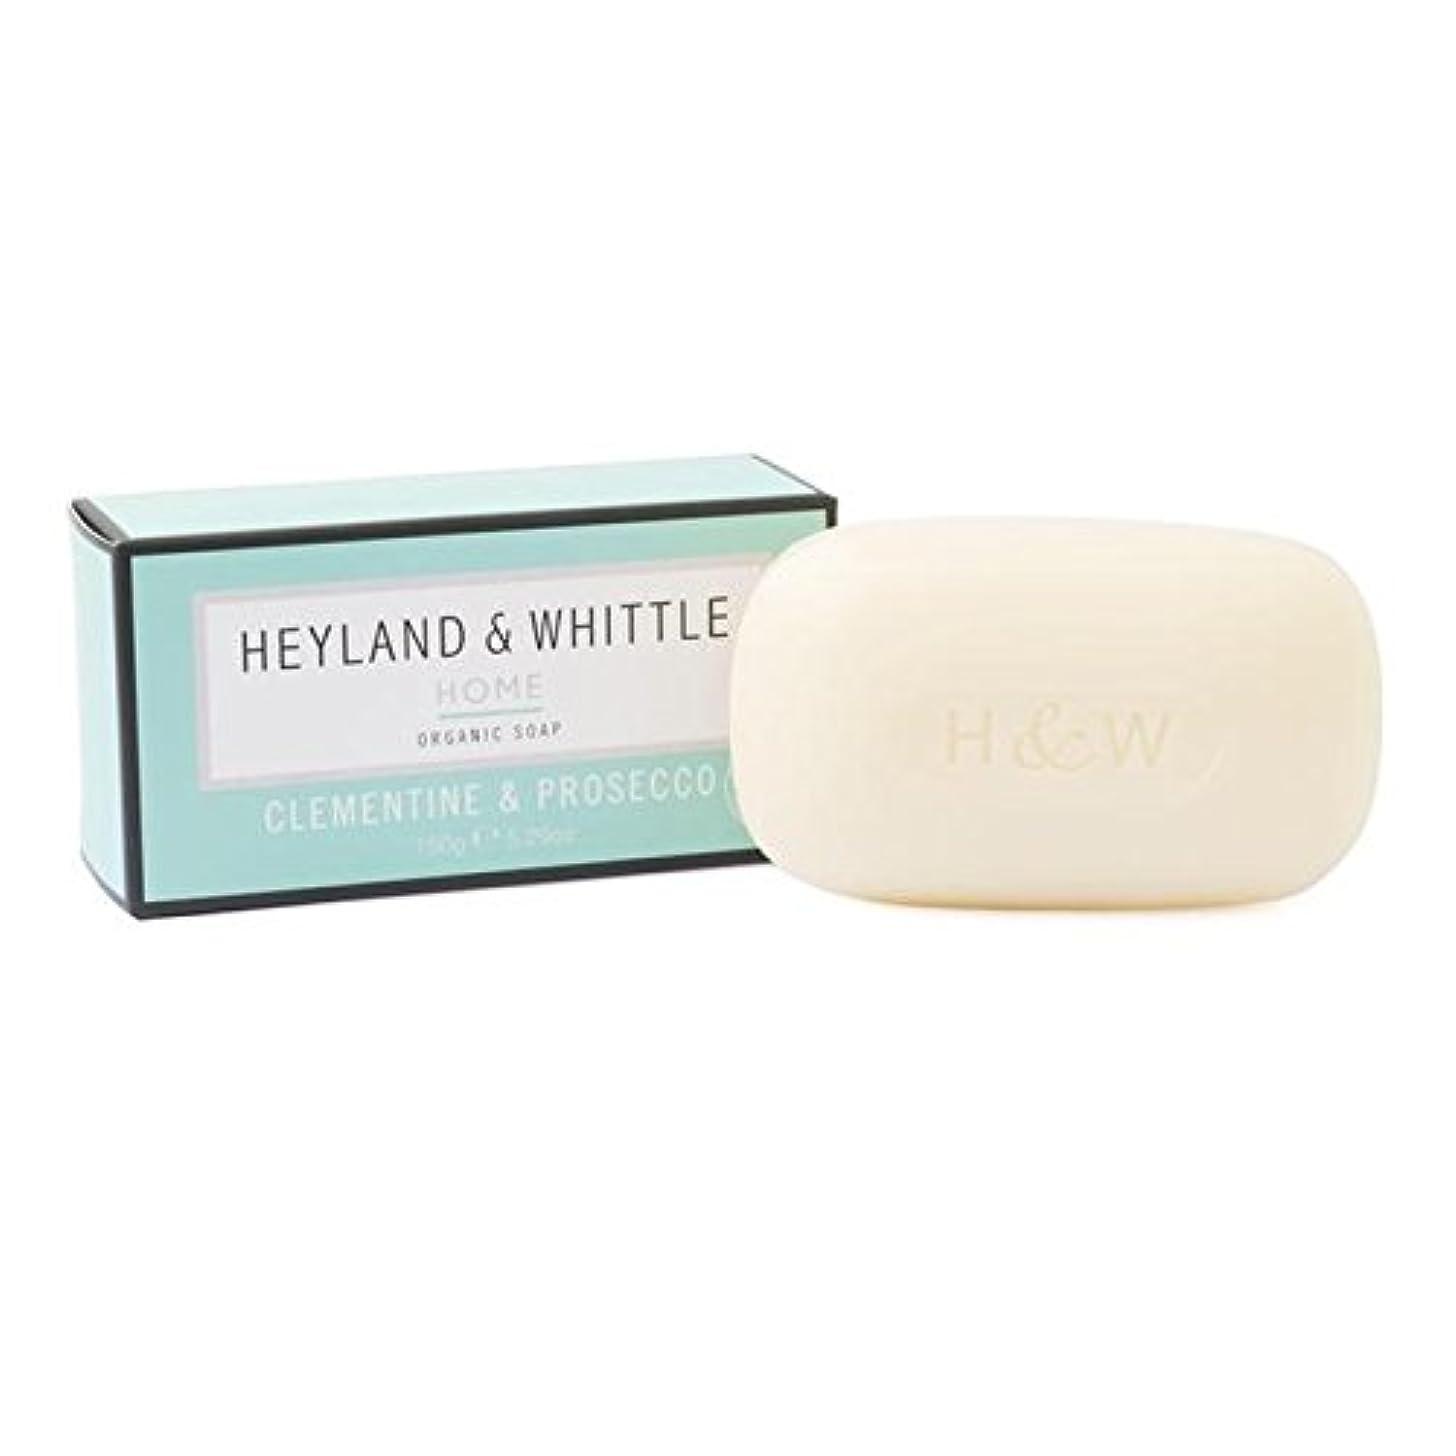 手当排除富Heyland & Whittle Home Clementine & Prosecco Organic Soap 150g (Pack of 6) - &削るホームクレメンタイン&プロセッコ有機石鹸150グラム x6...